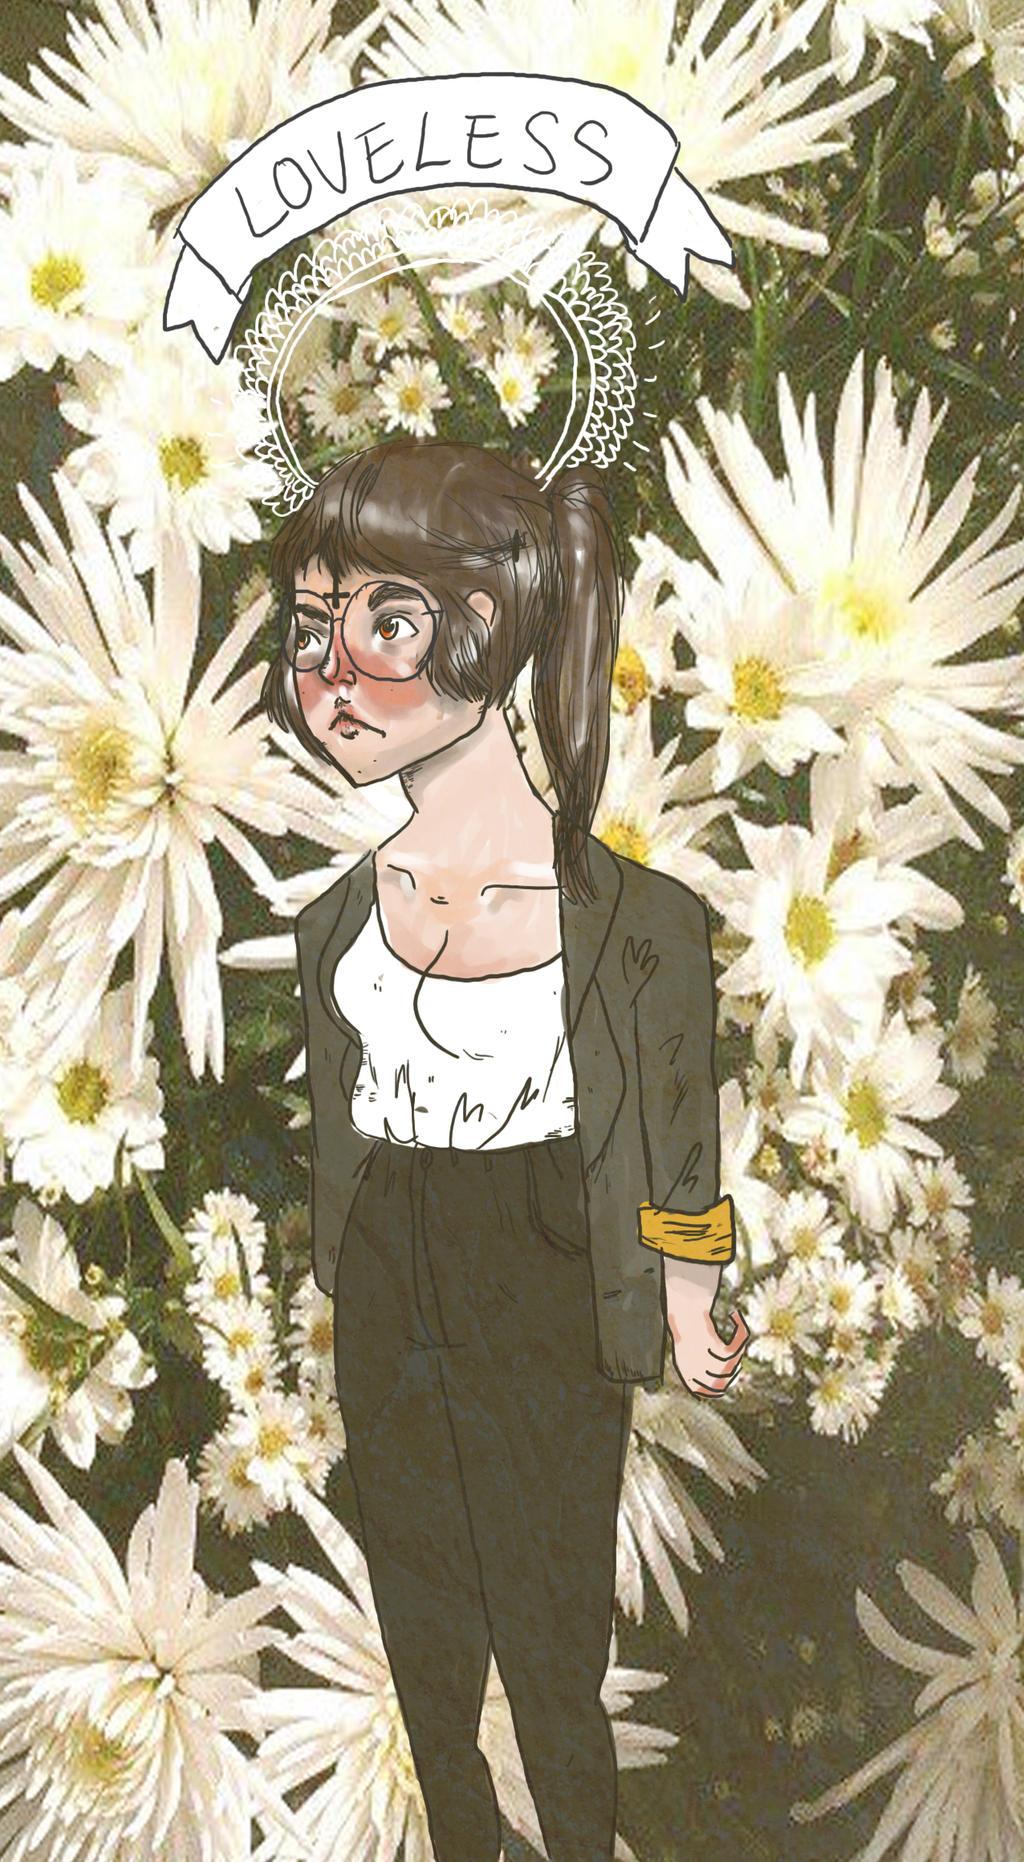 parcelu's Profile Picture